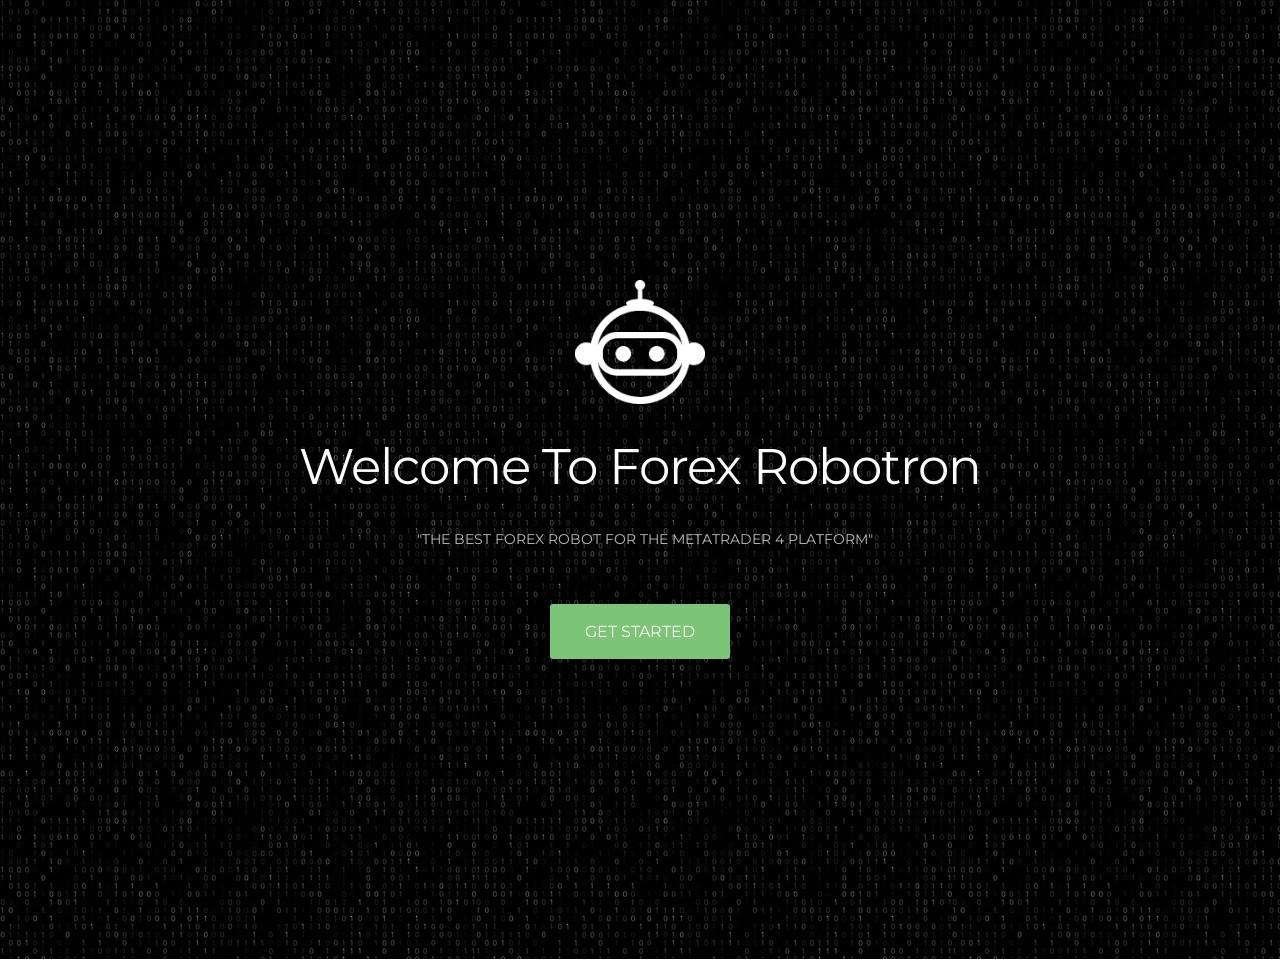 Forex Robotron